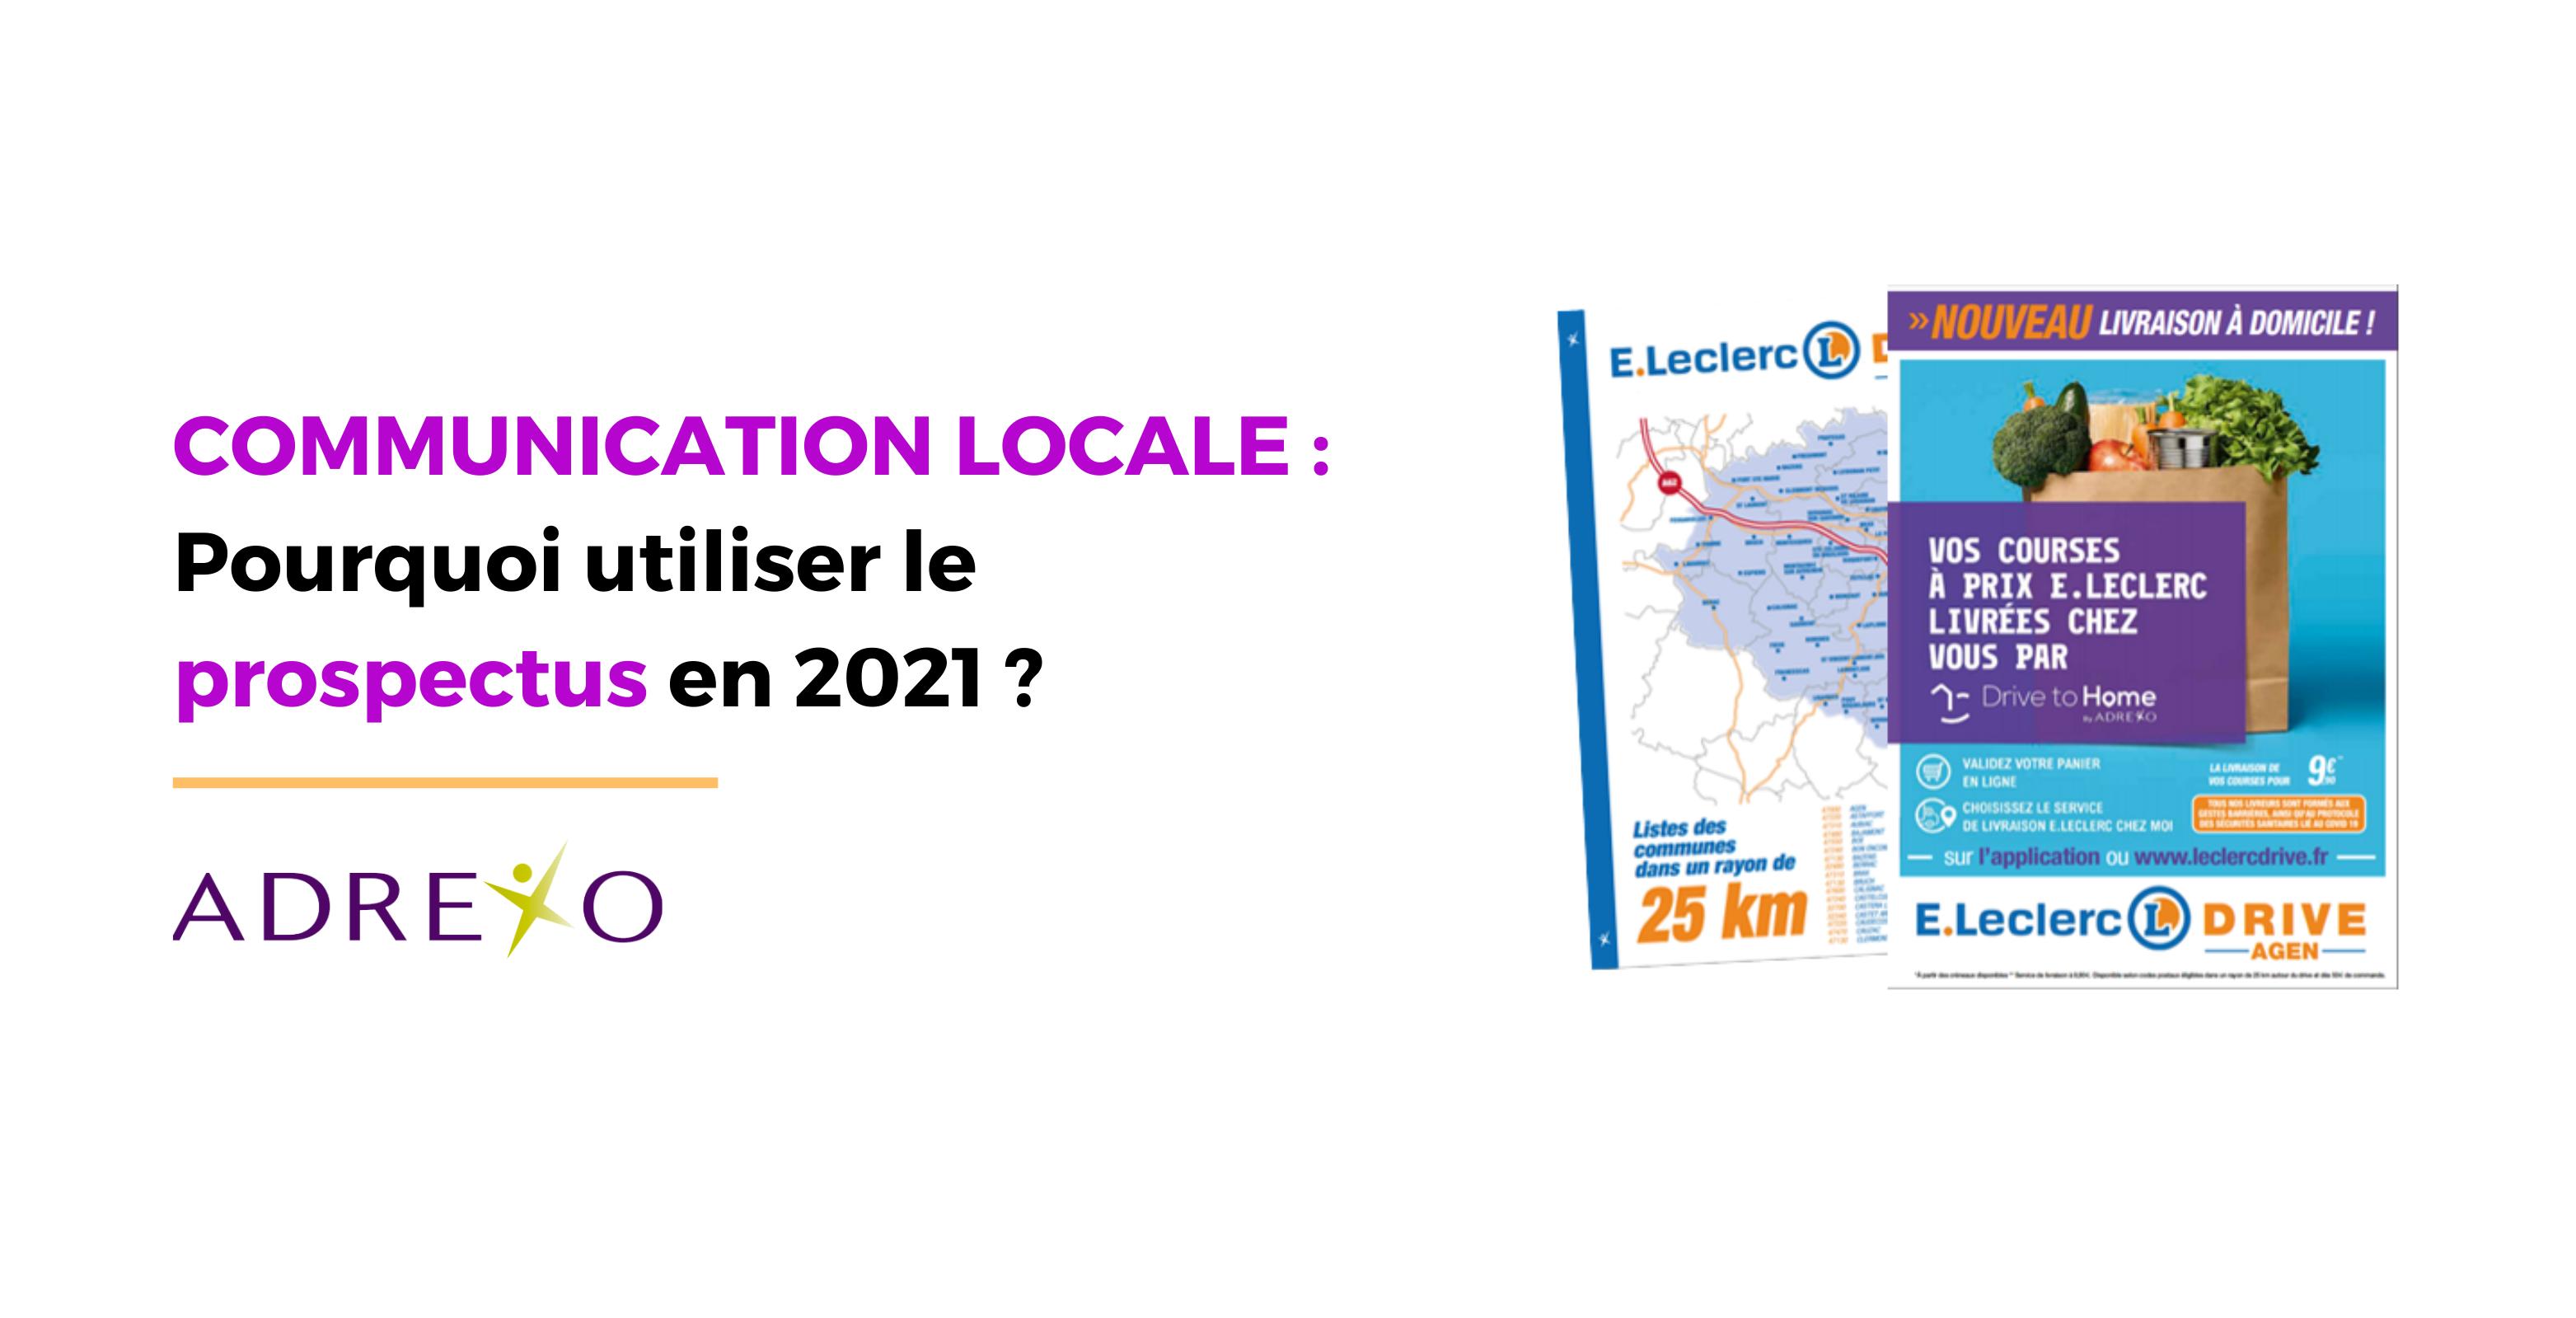 Communication locale : Pourquoi utiliser le prospectus en 2021 ?